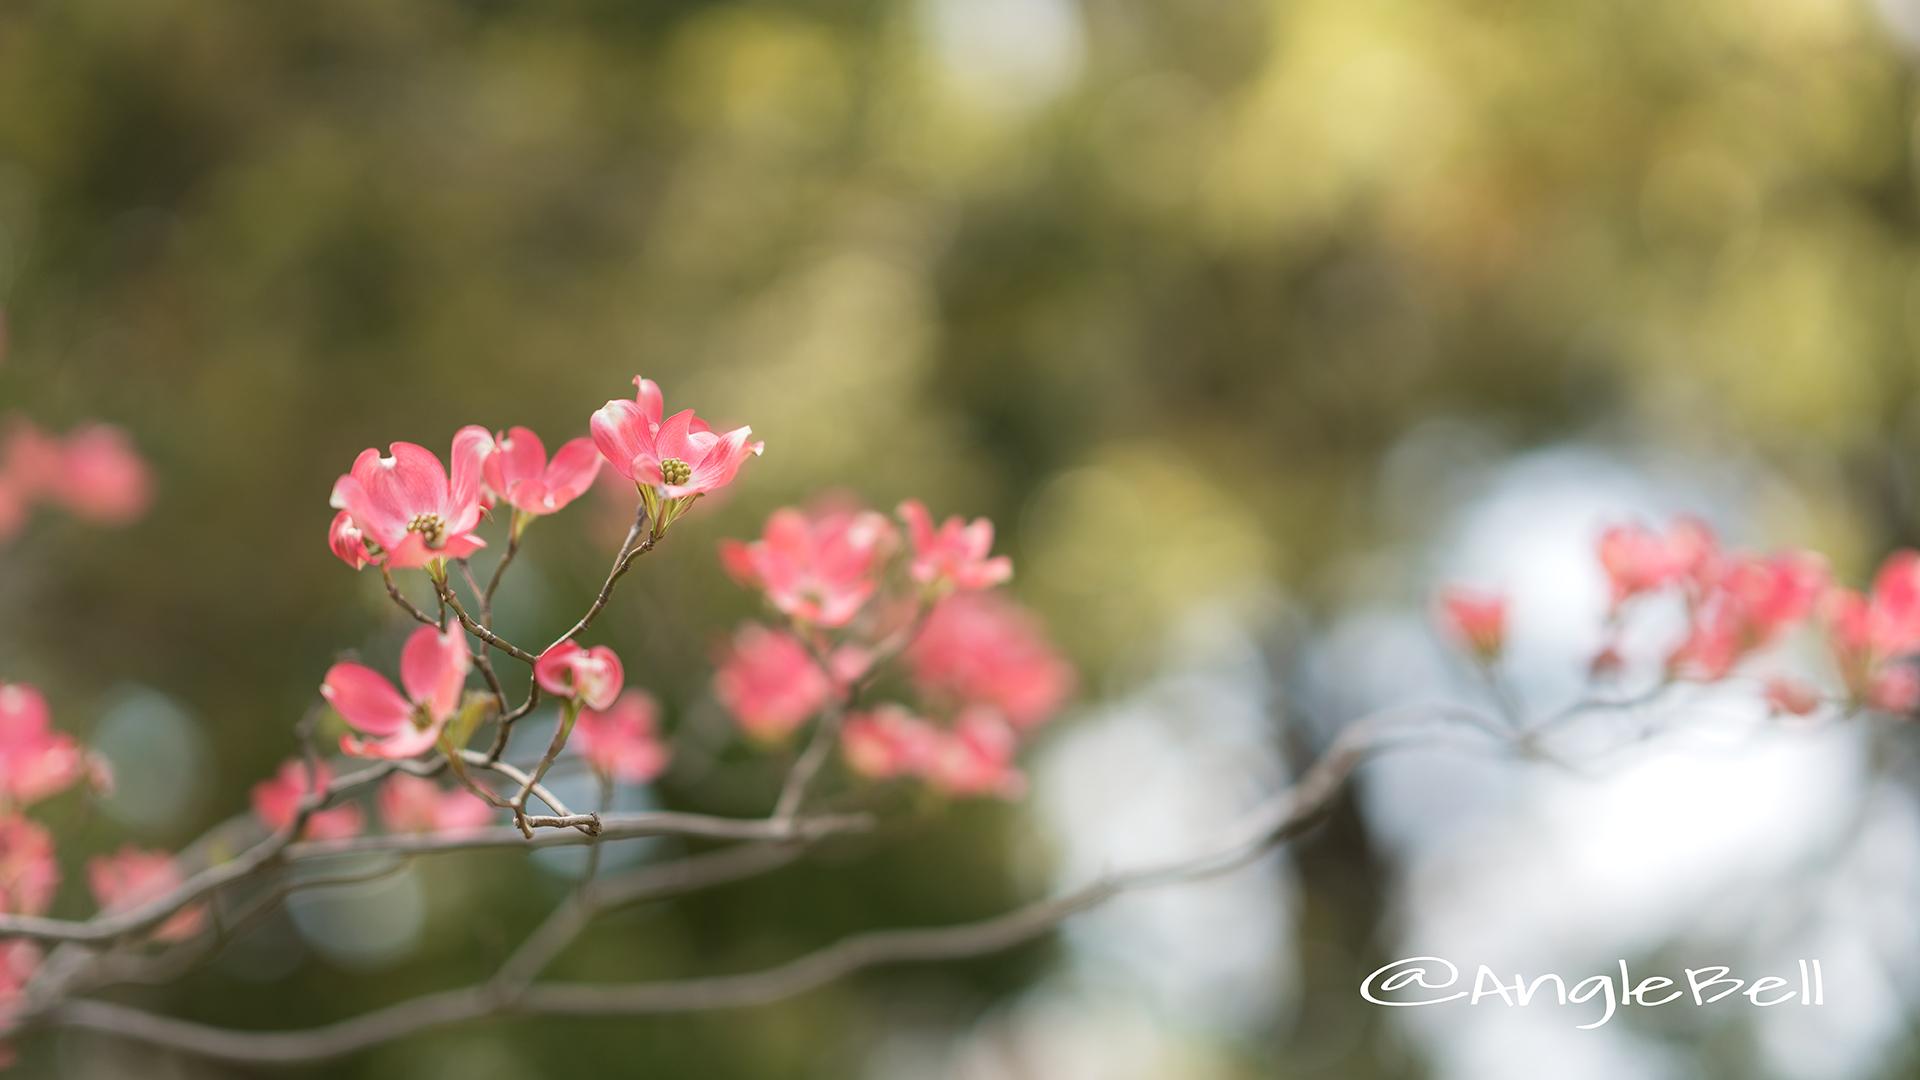 ハナミズキ 花水木 Flower Photo6